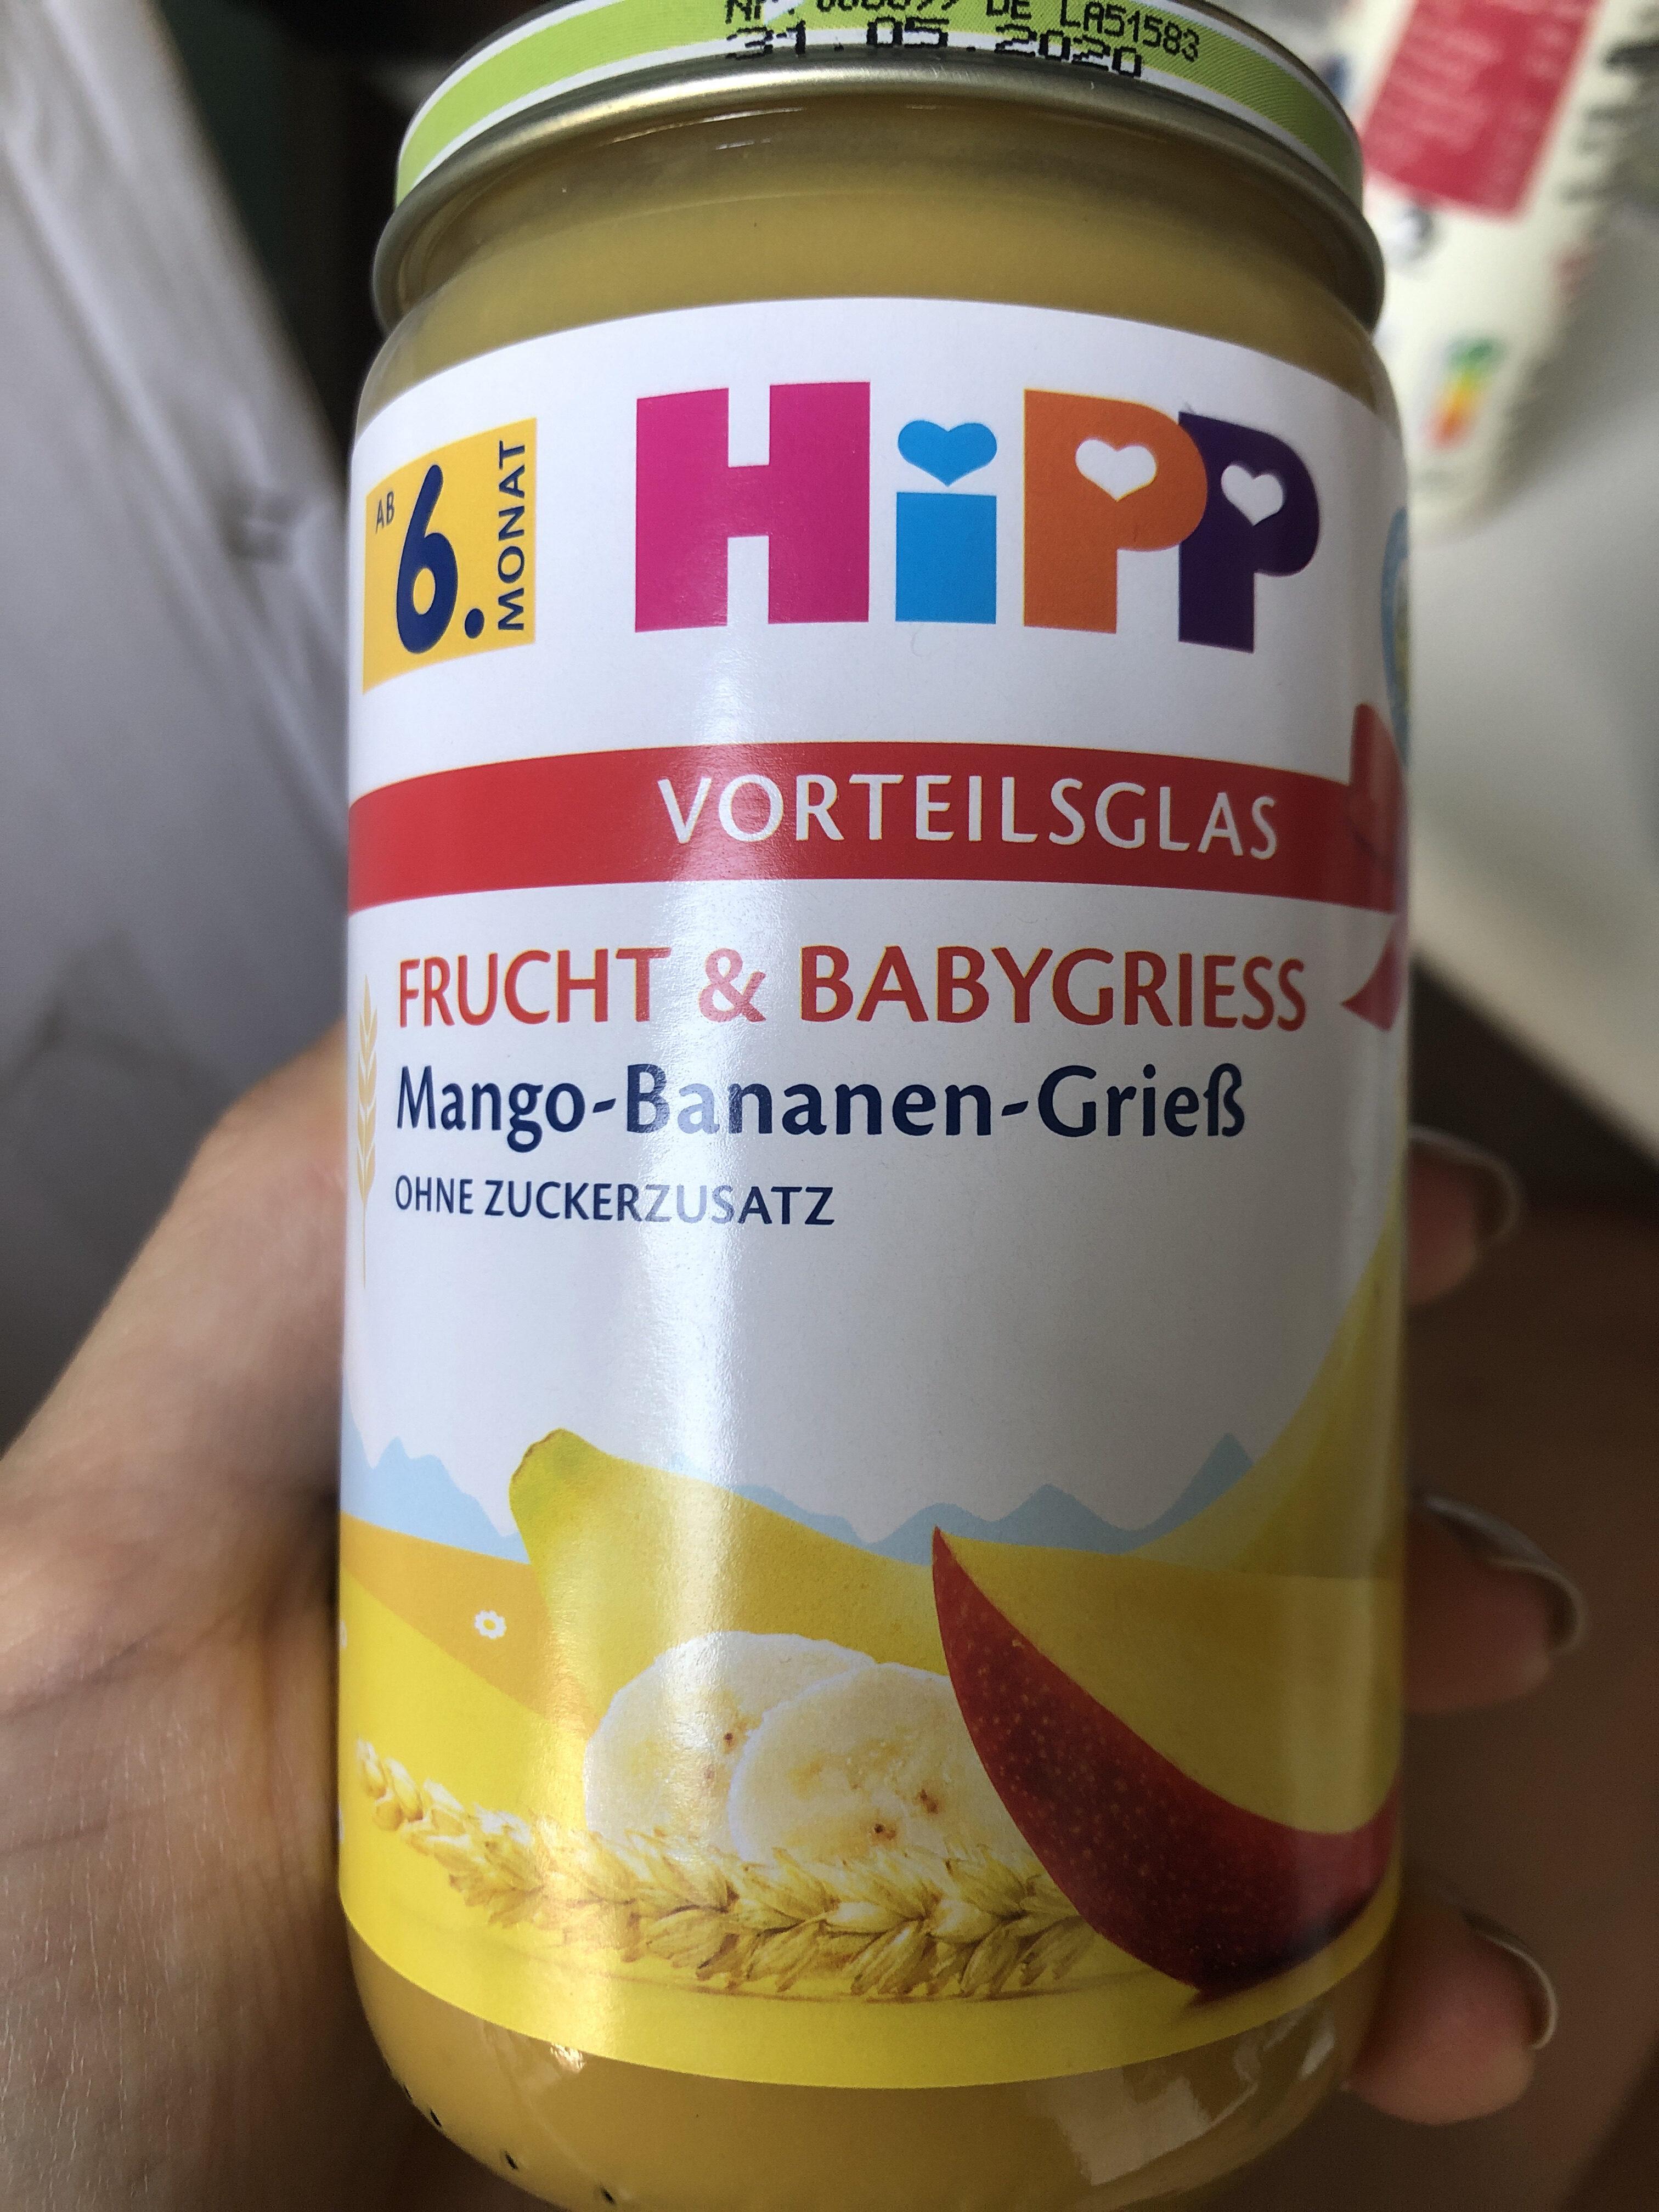 Frucht & Babygries Mango-Bananen-Grieß - Product - de